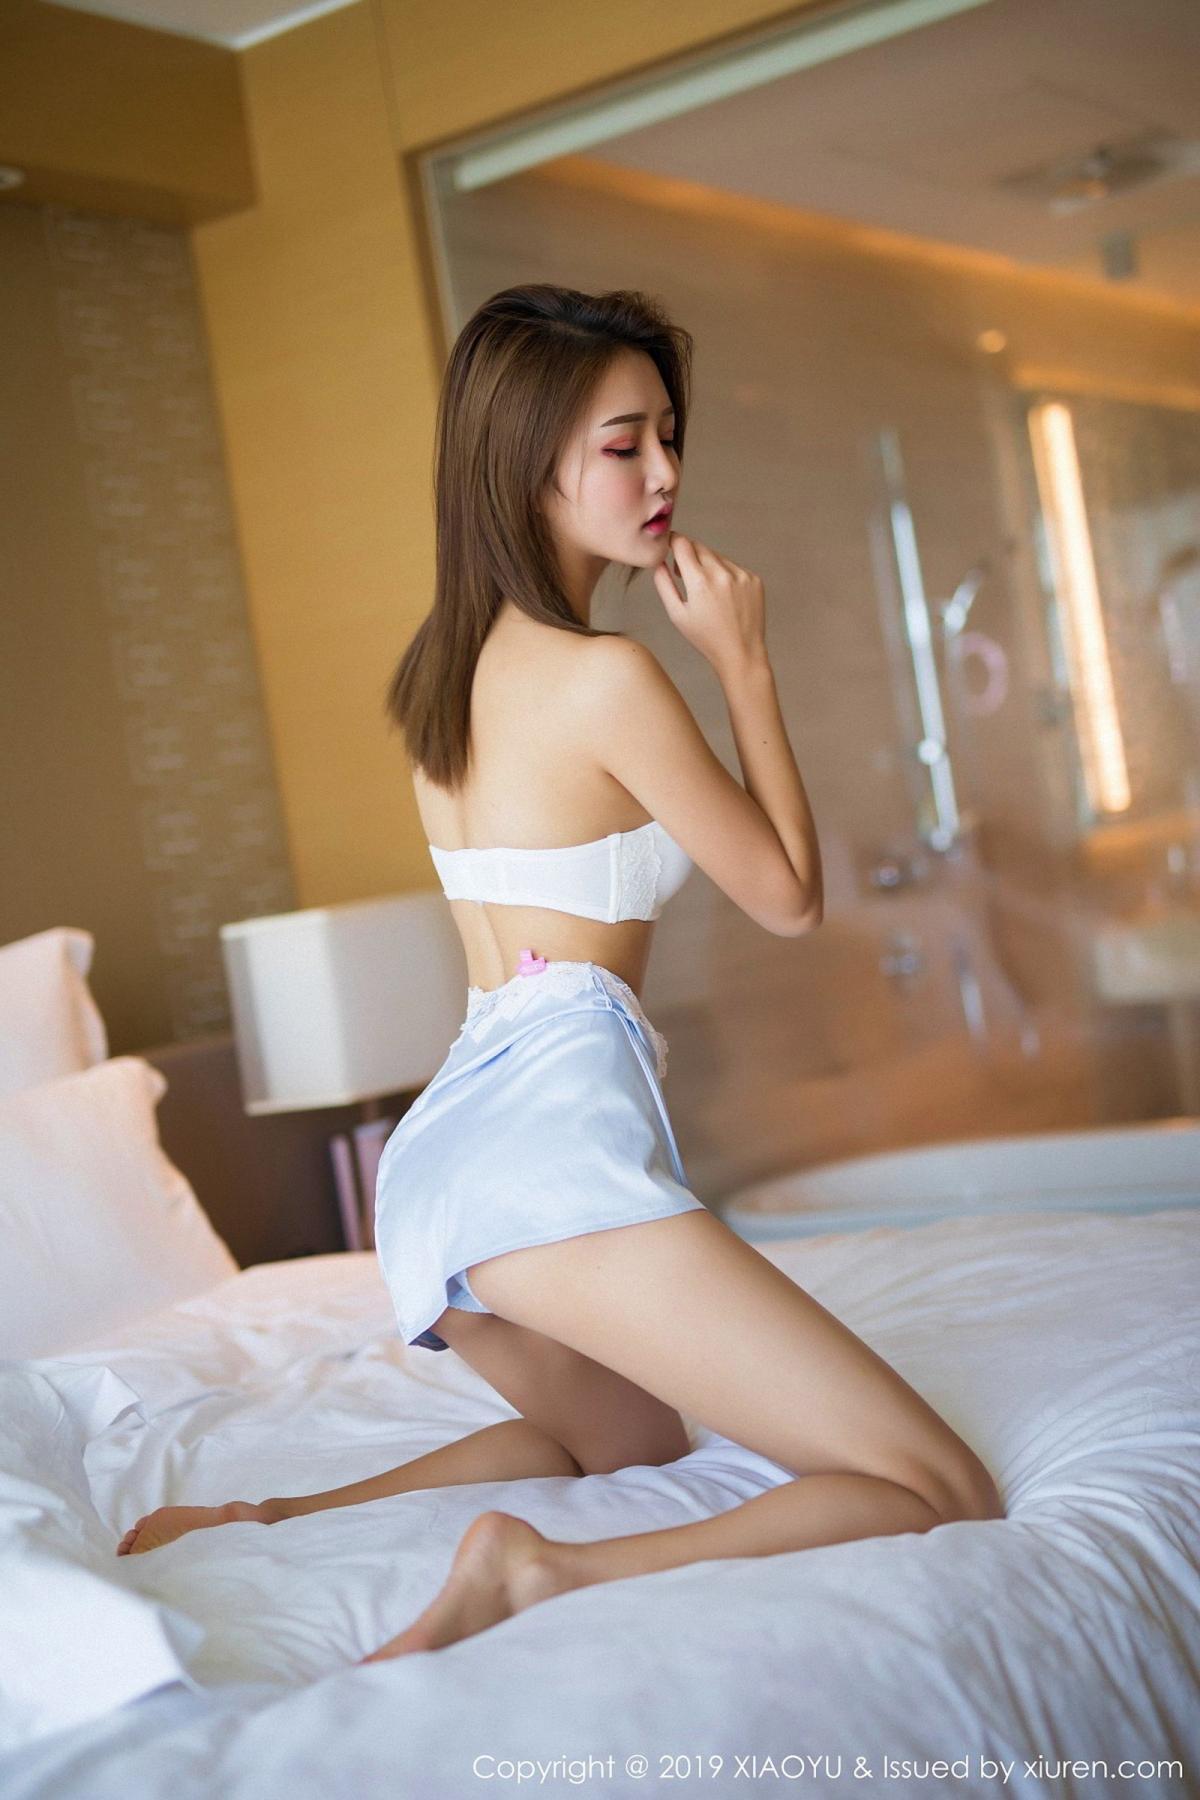 [XiaoYu] Vol.022 Miko Jiang 40P, Miko Jiang, Slim, Tall, Underwear, XiaoYu